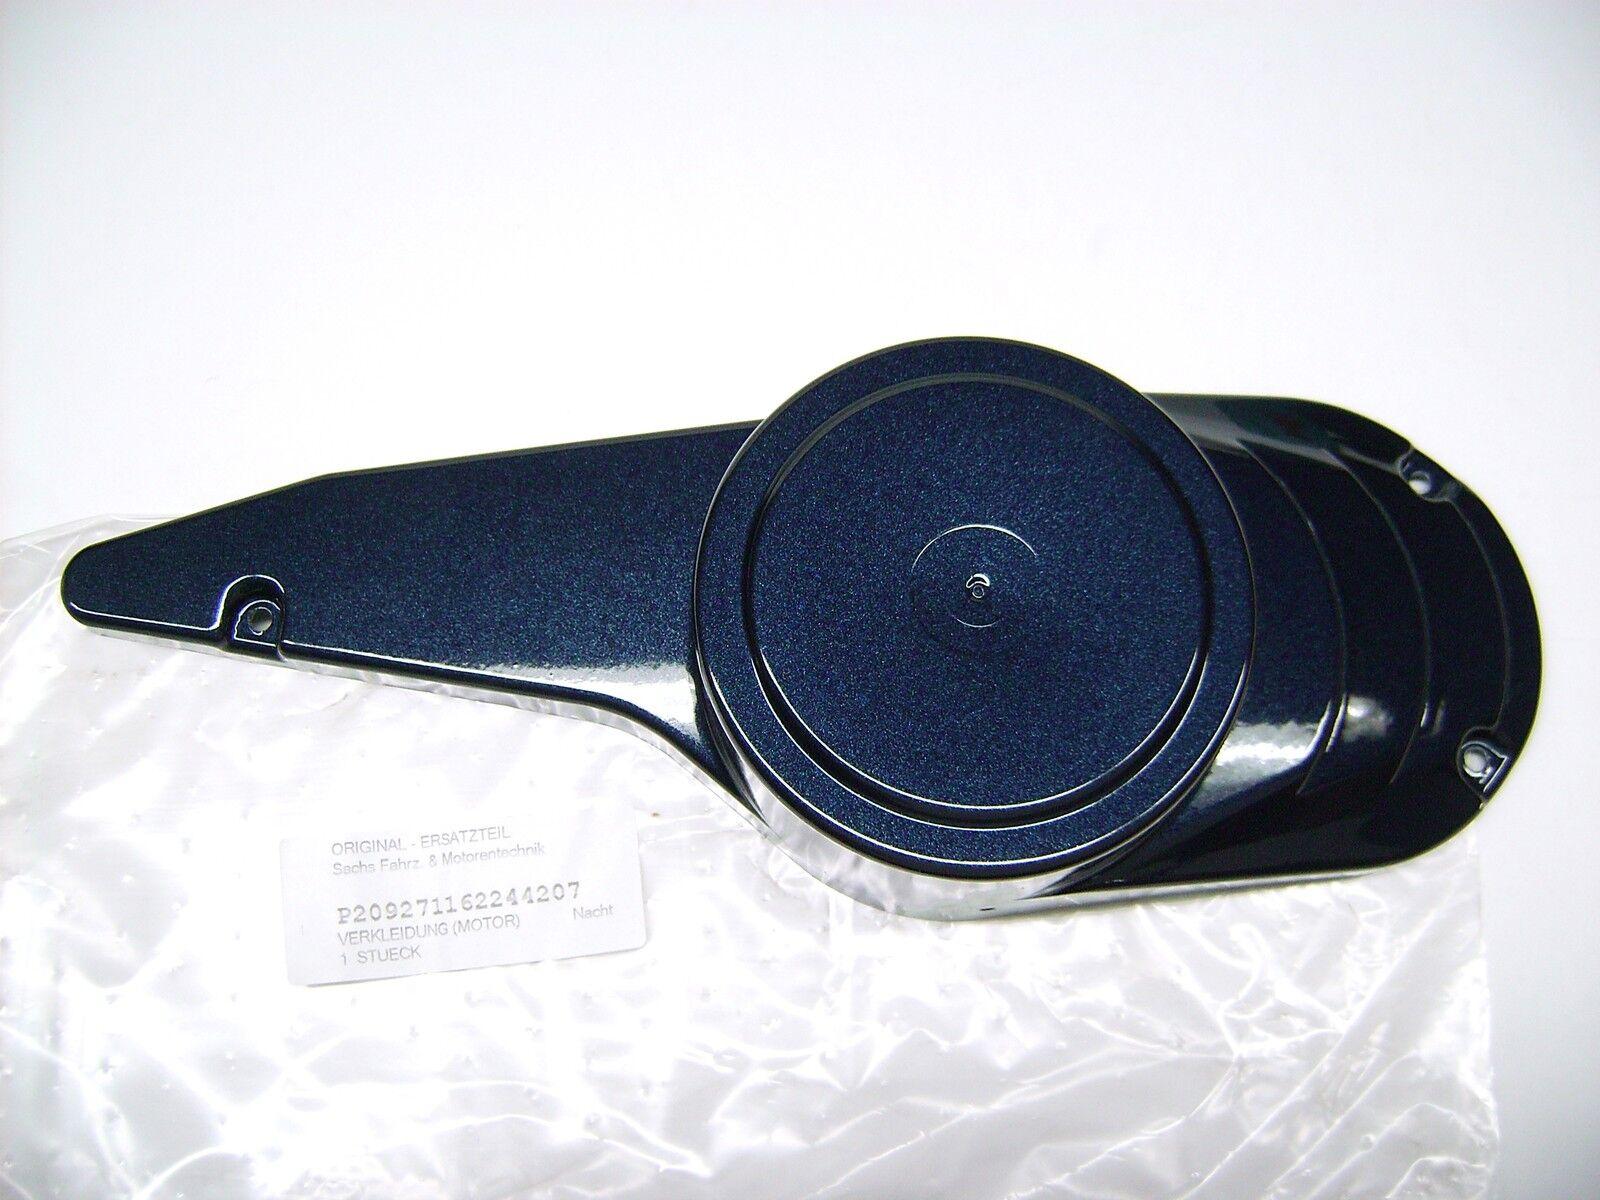 Nuevo ORIG. sachs e-bike-Electra Classic motor carenado et  p209271162244207